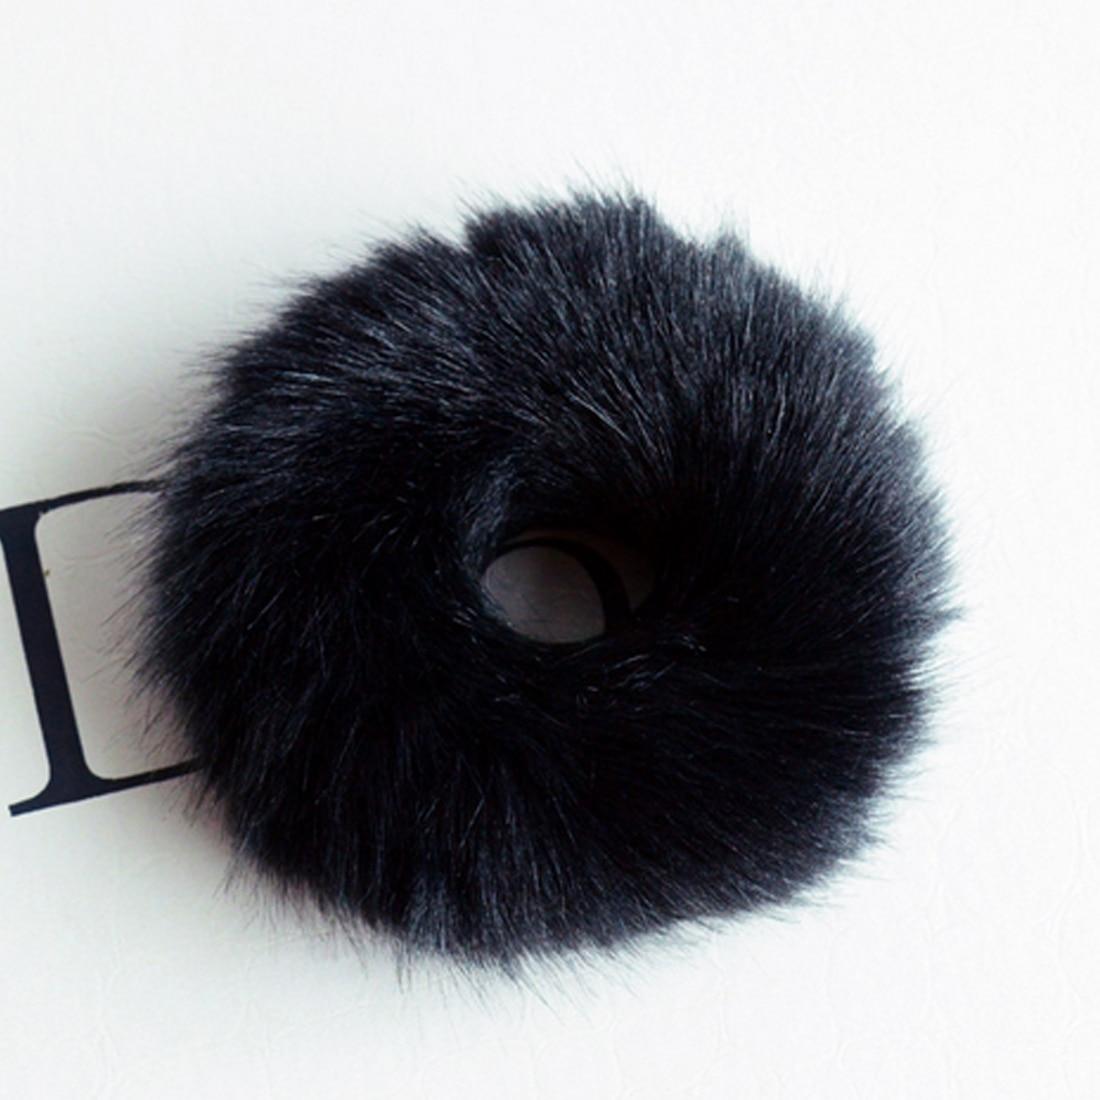 Новинка, настоящая меховая кроличья шерсть, мягкие эластичные резинки для волос для женщин и девочек, милые резинки для волос, резинка для хвоста, модные аксессуары для волос - Цвет: Черный